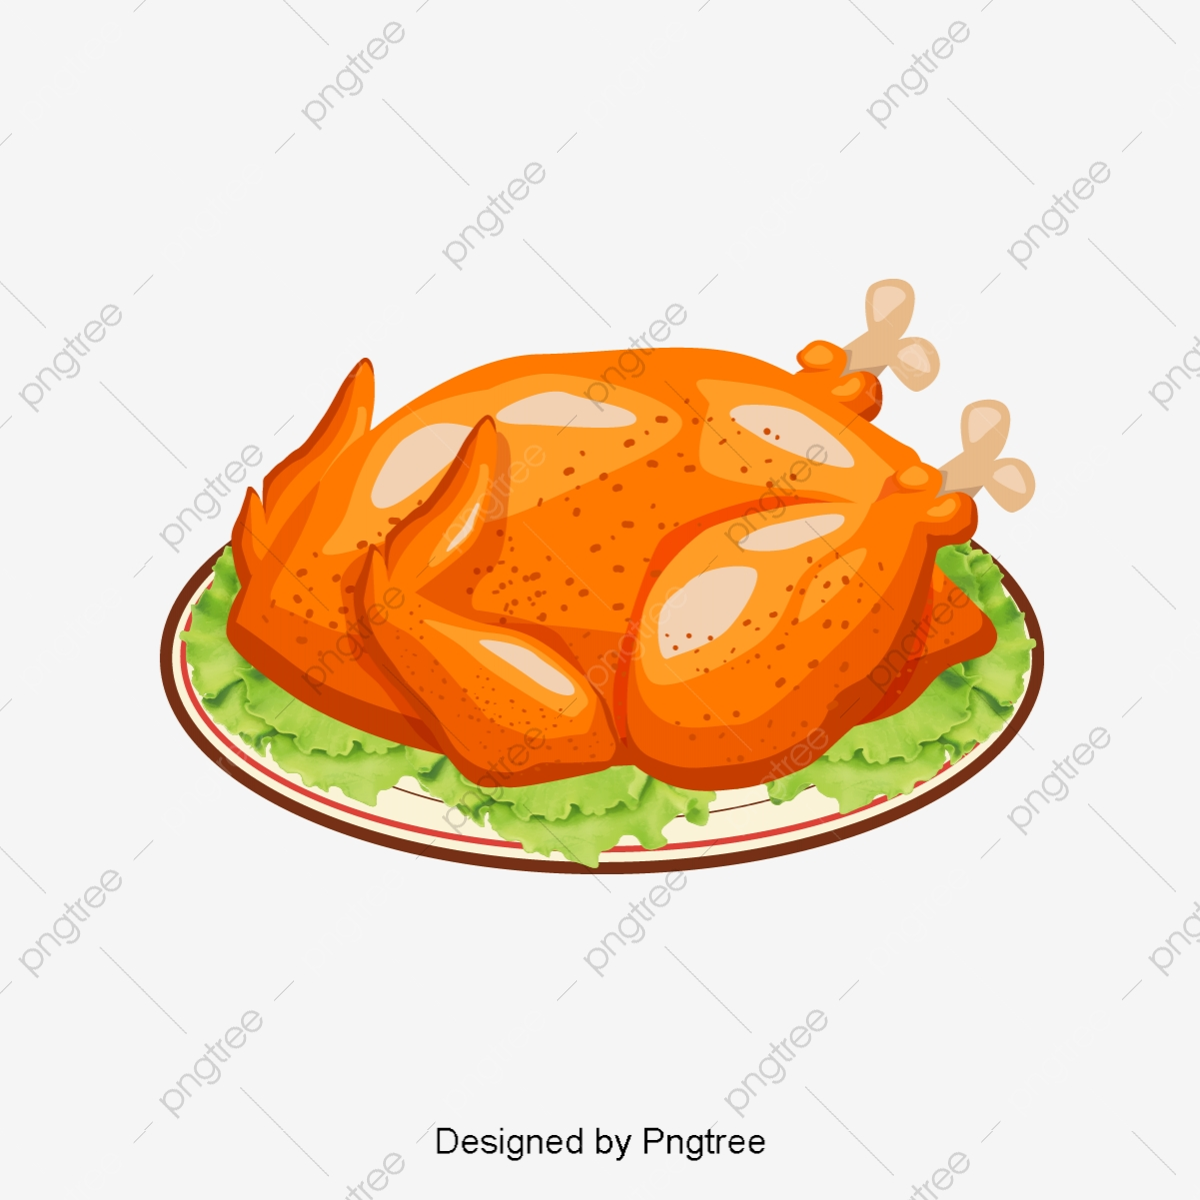 gambar gambar ayam panggang yang dilukis dengan tangan kartun kartun dilukis dengan tangan ayam panggang png dan vektor untuk muat turun percuma https ms pngtree com freepng cartoon hand painted roast chicken picture 3690269 html